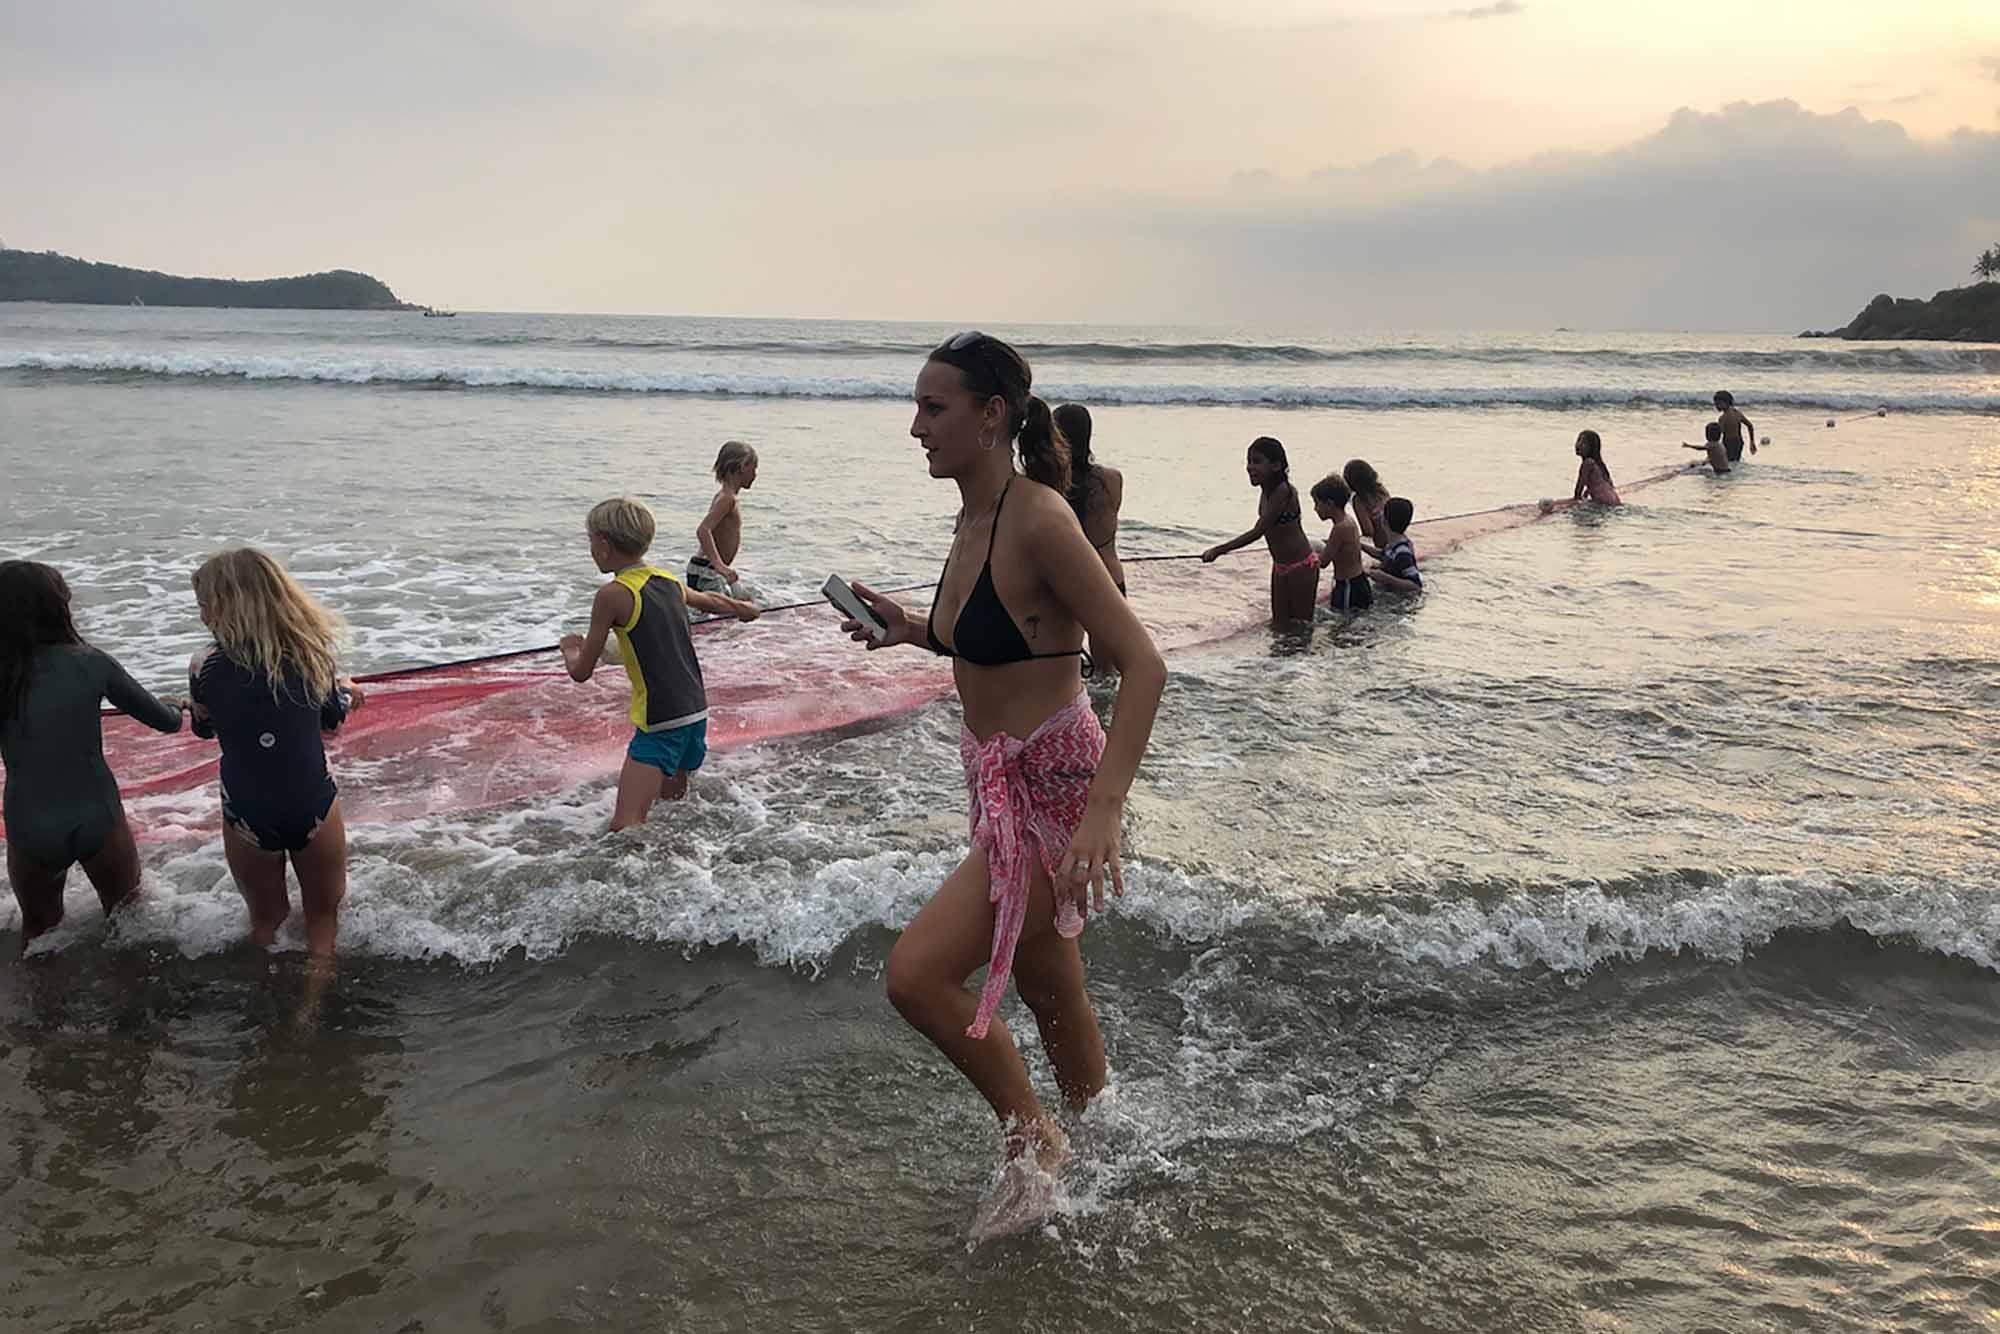 https://www.soulandsurf.com/wp-content/uploads/2021/08/Lanka-Guide-Images-Shack-3.jpg Image